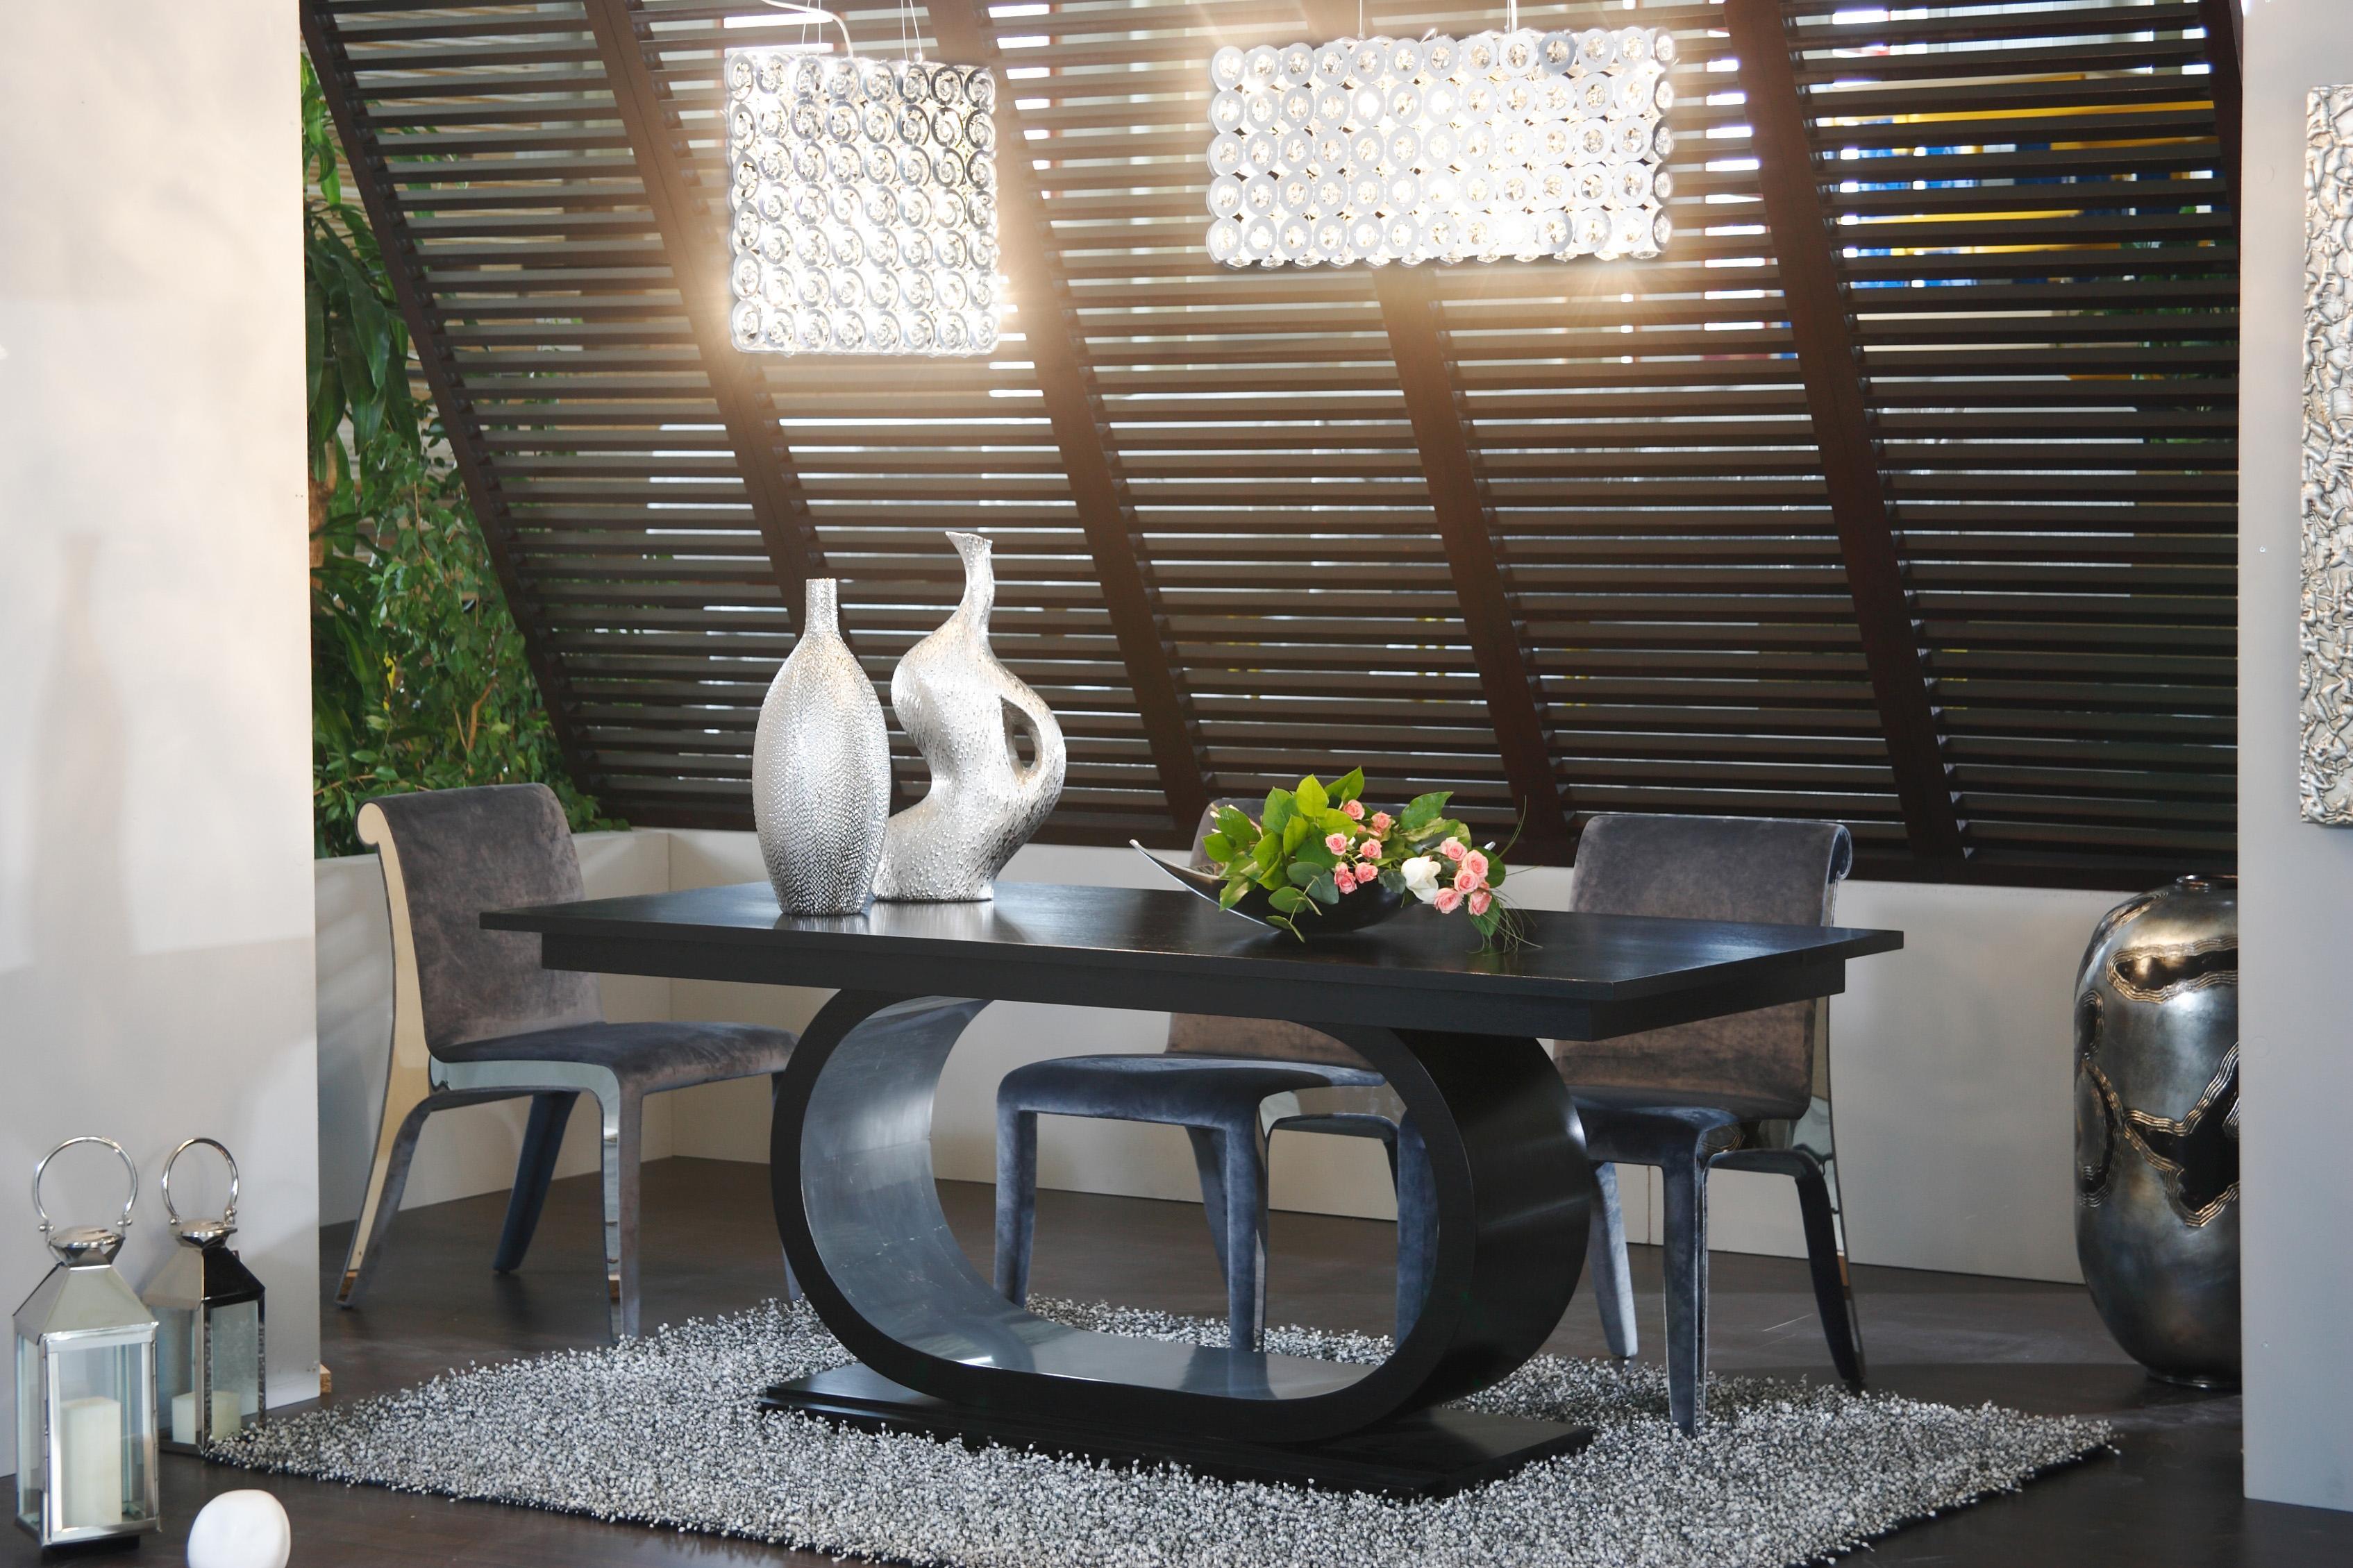 ensemble de salle manger design 1 0 500 0 pi ces. Black Bedroom Furniture Sets. Home Design Ideas